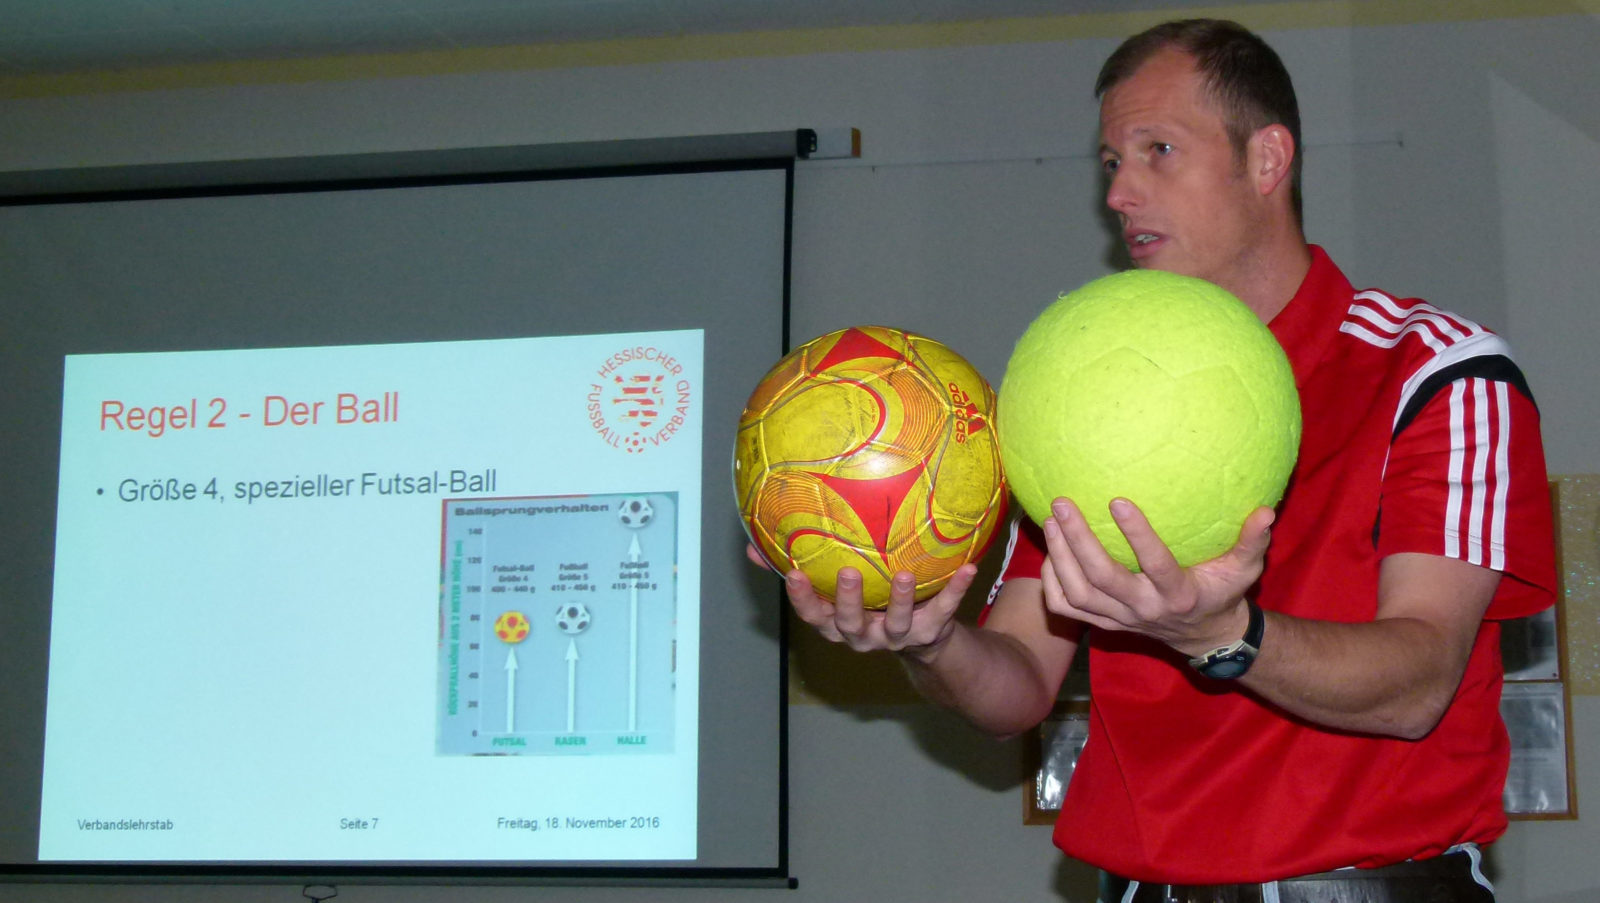 Fachkundiger Referent: Volker Höpp - Mitglied des Verbandslehrstabs - gab den Dill-Schiris im AWO-Mehrgenerationenhaus eine umfangreiche Einführung in die Futsal-Regeln. (Foto: Spahn)